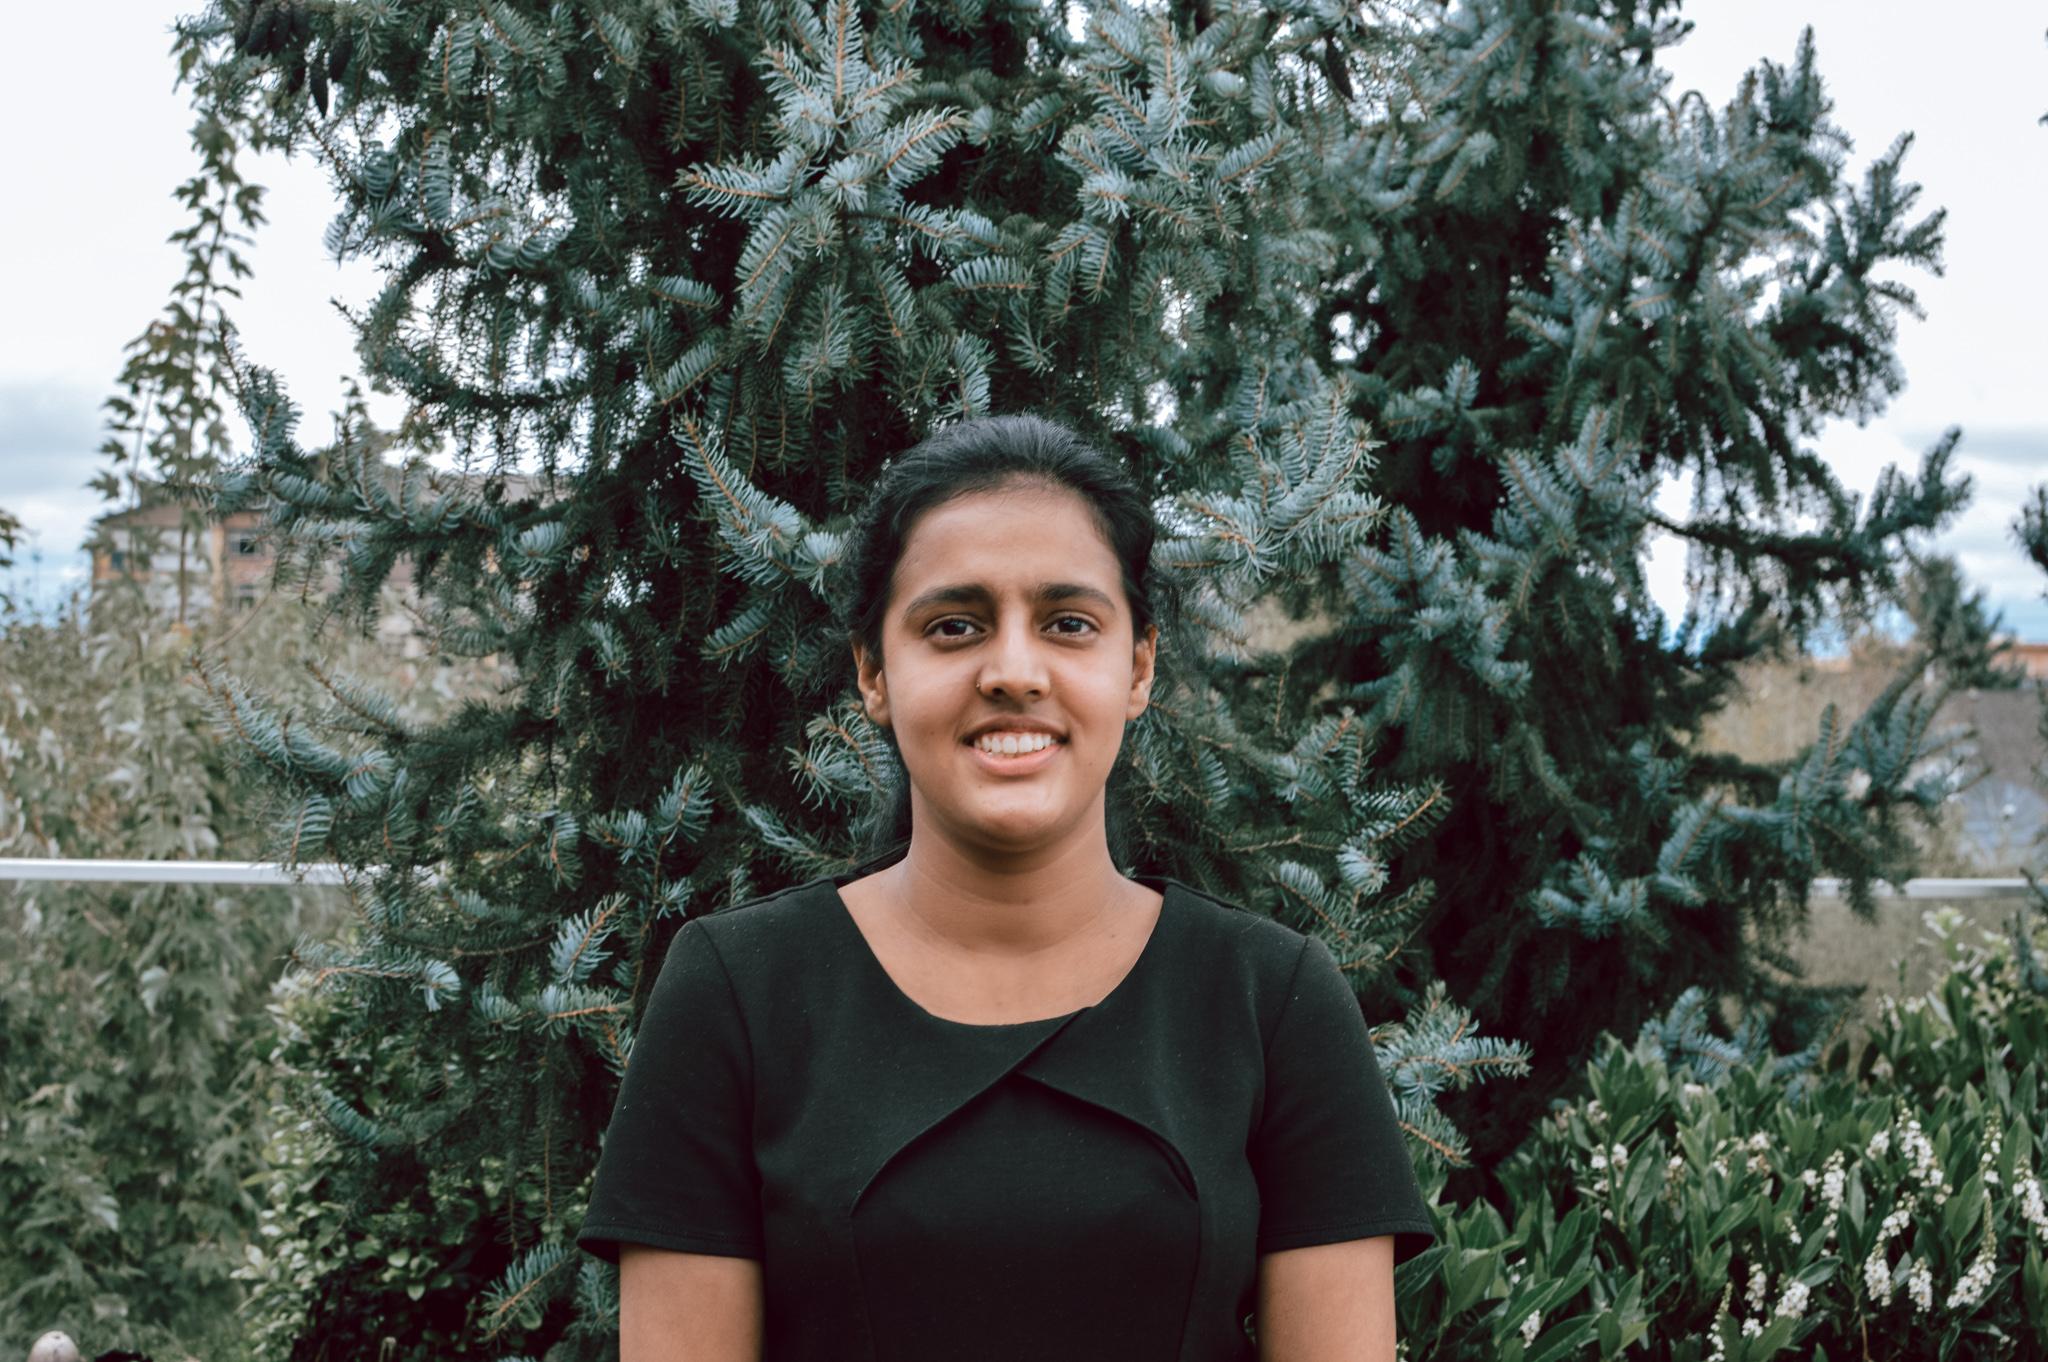 Supreet Kaur